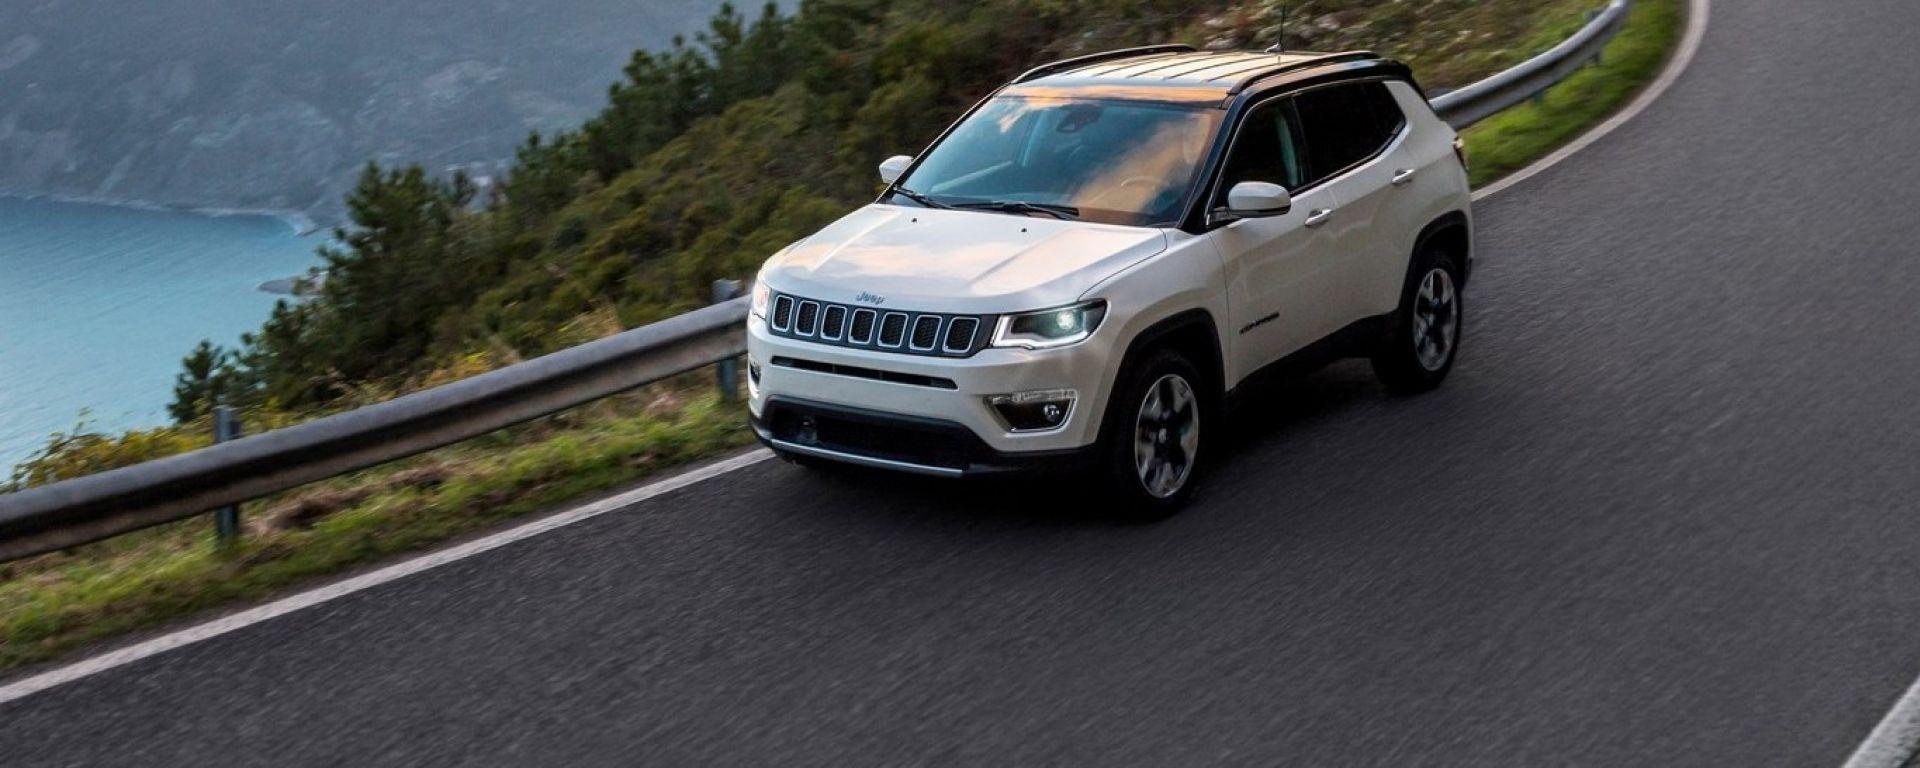 Jeep Compass: sbarca anche in Europa la nuova generazione